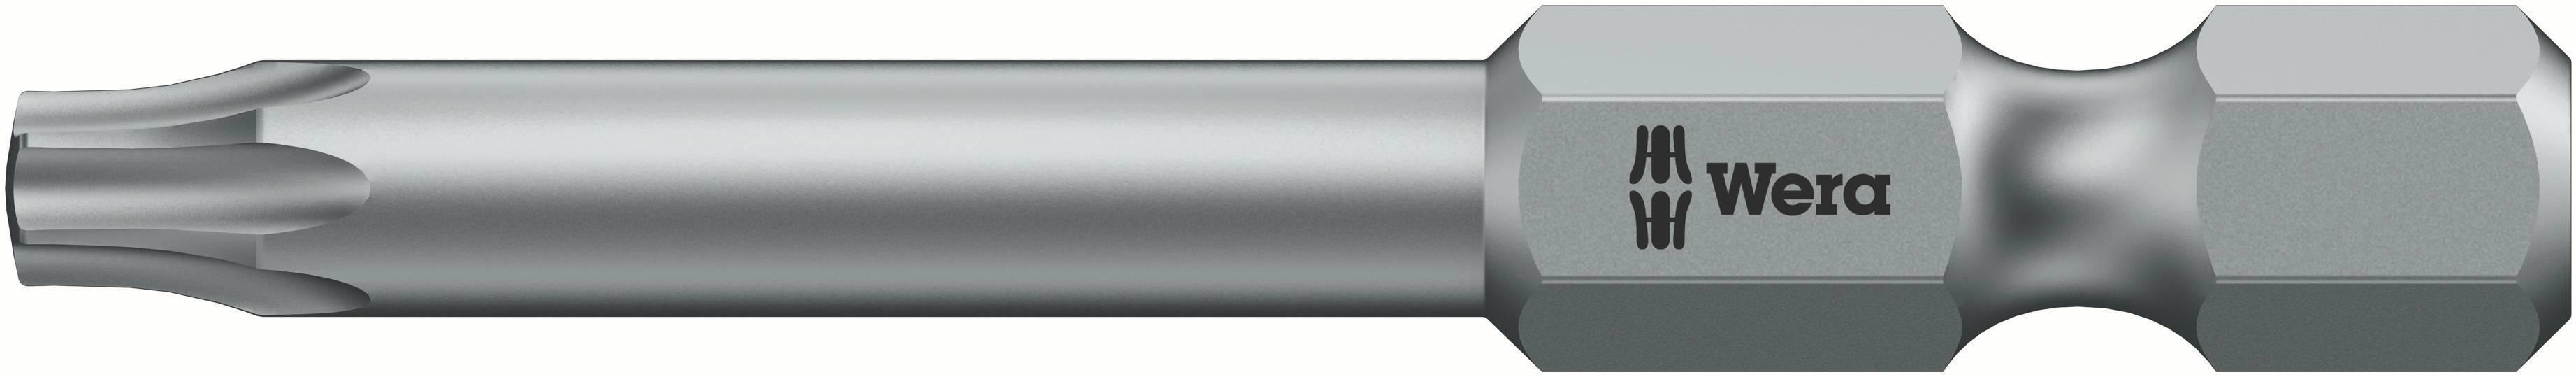 Bit Torx Wera 867/4 Z TORX® BO 20 X 89 MM 05060052001, 89 mm, nástrojová oceľ, legované, 1 ks